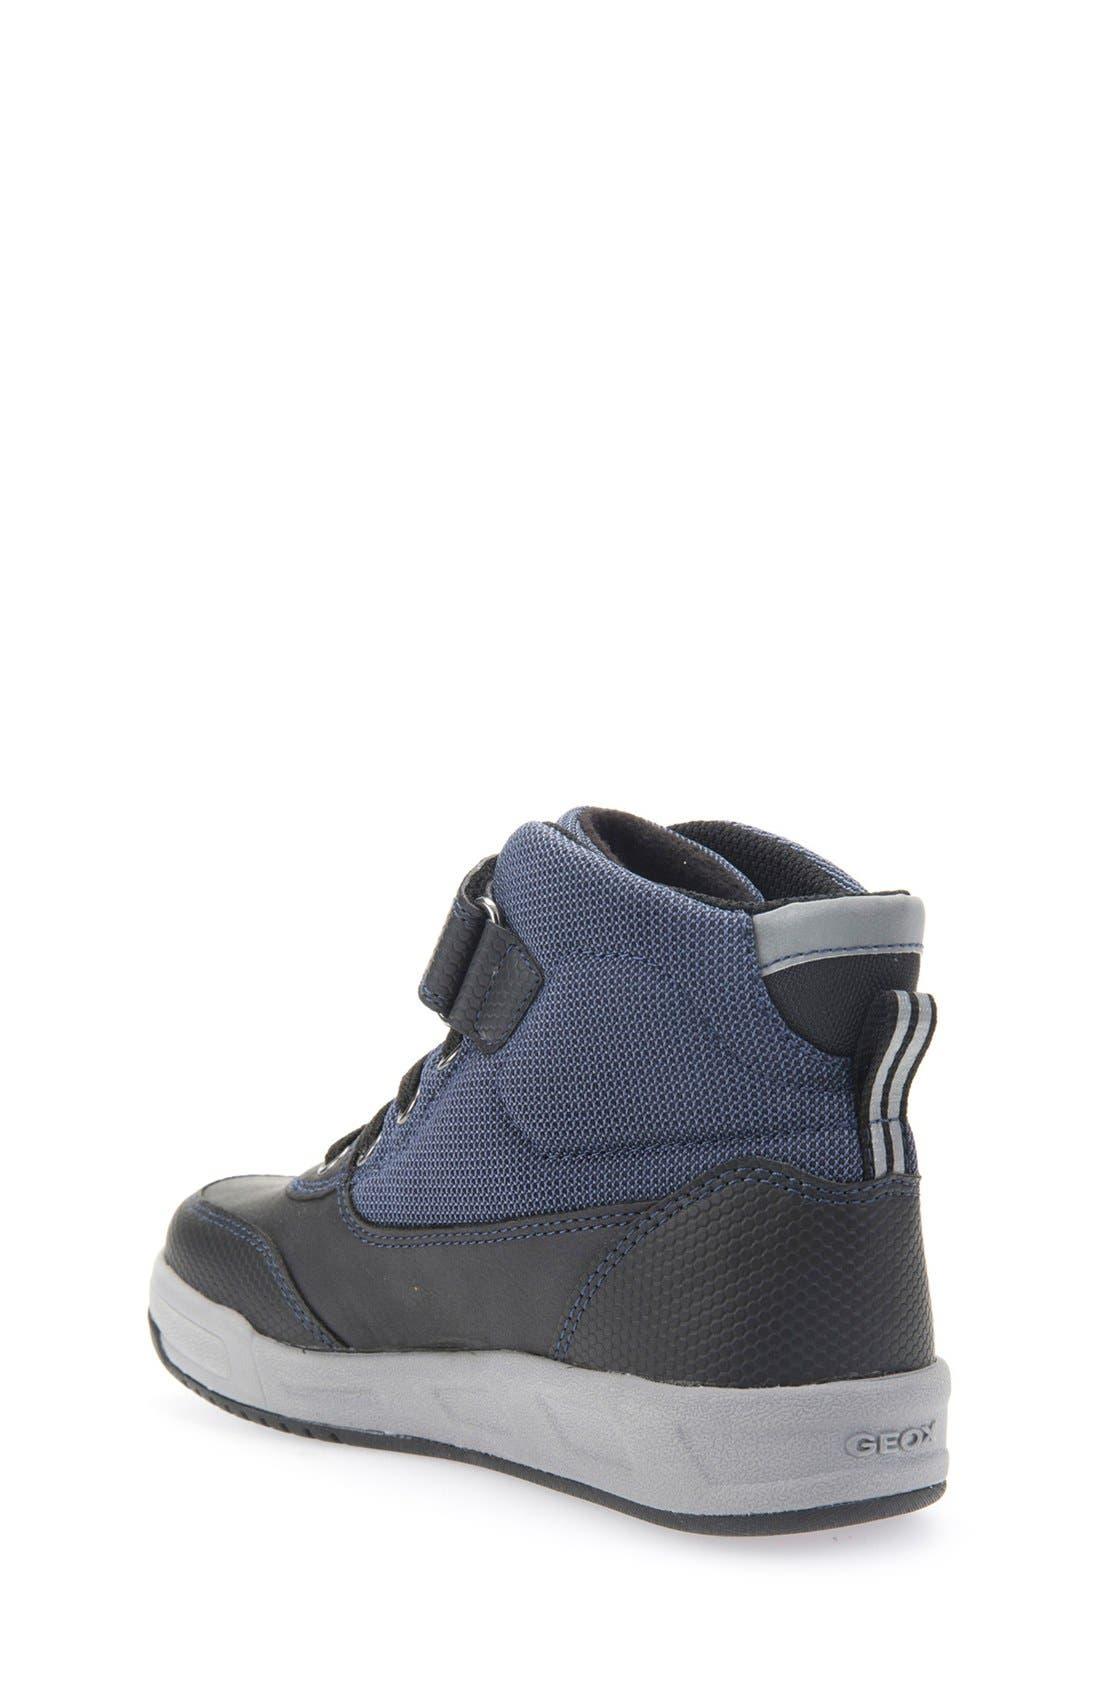 Rolk High Top Sneaker,                             Alternate thumbnail 2, color,                             Navy/ Black